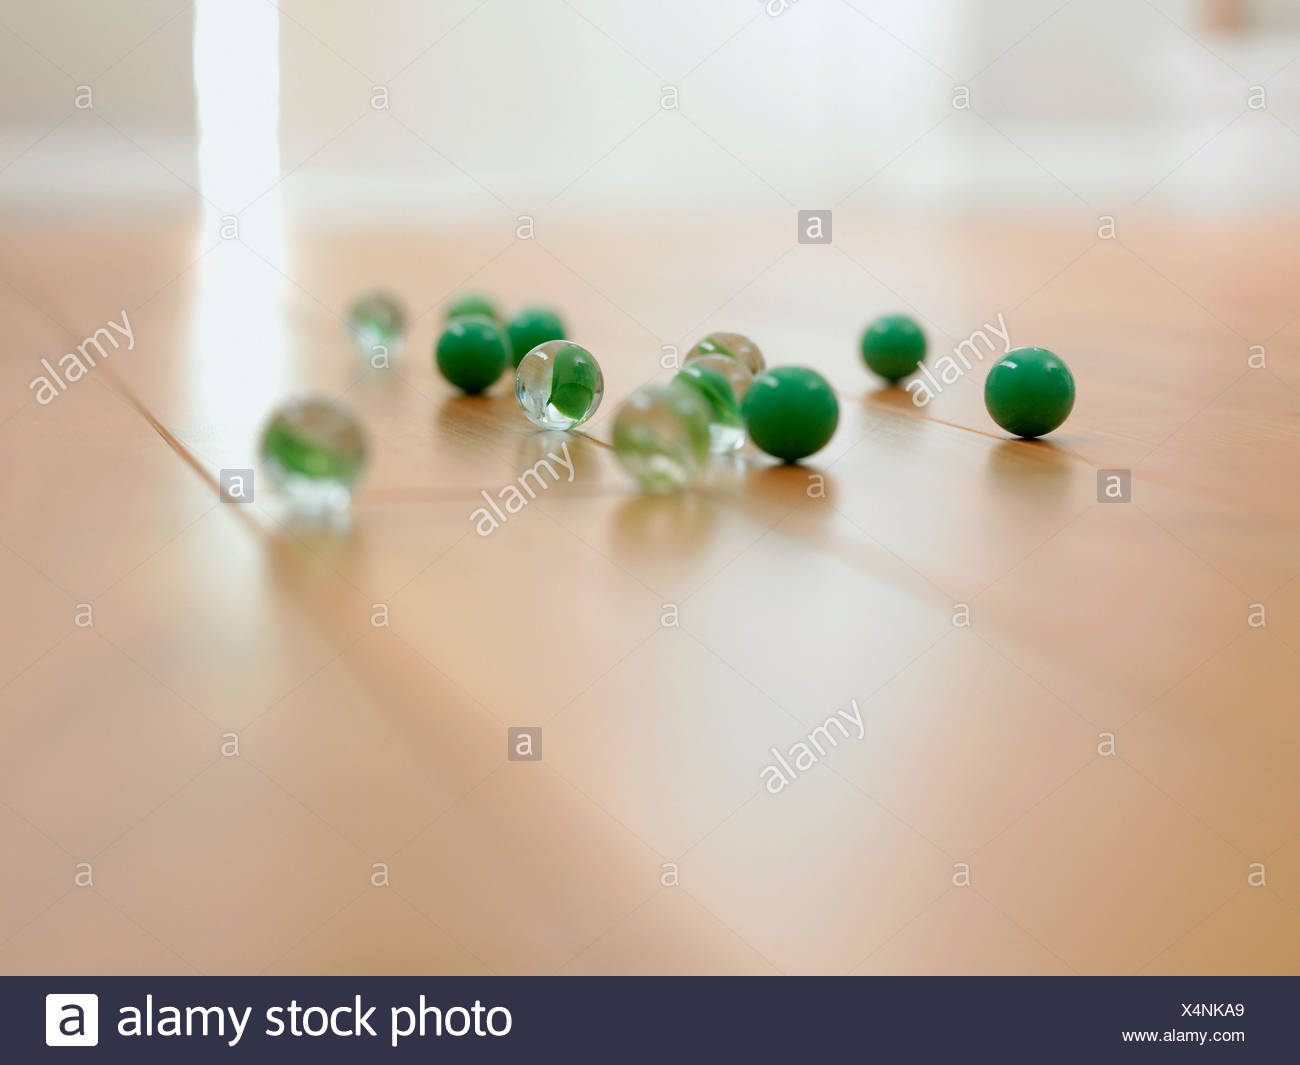 Nahaufnahme von Murmeln auf dem Boden Stockbild